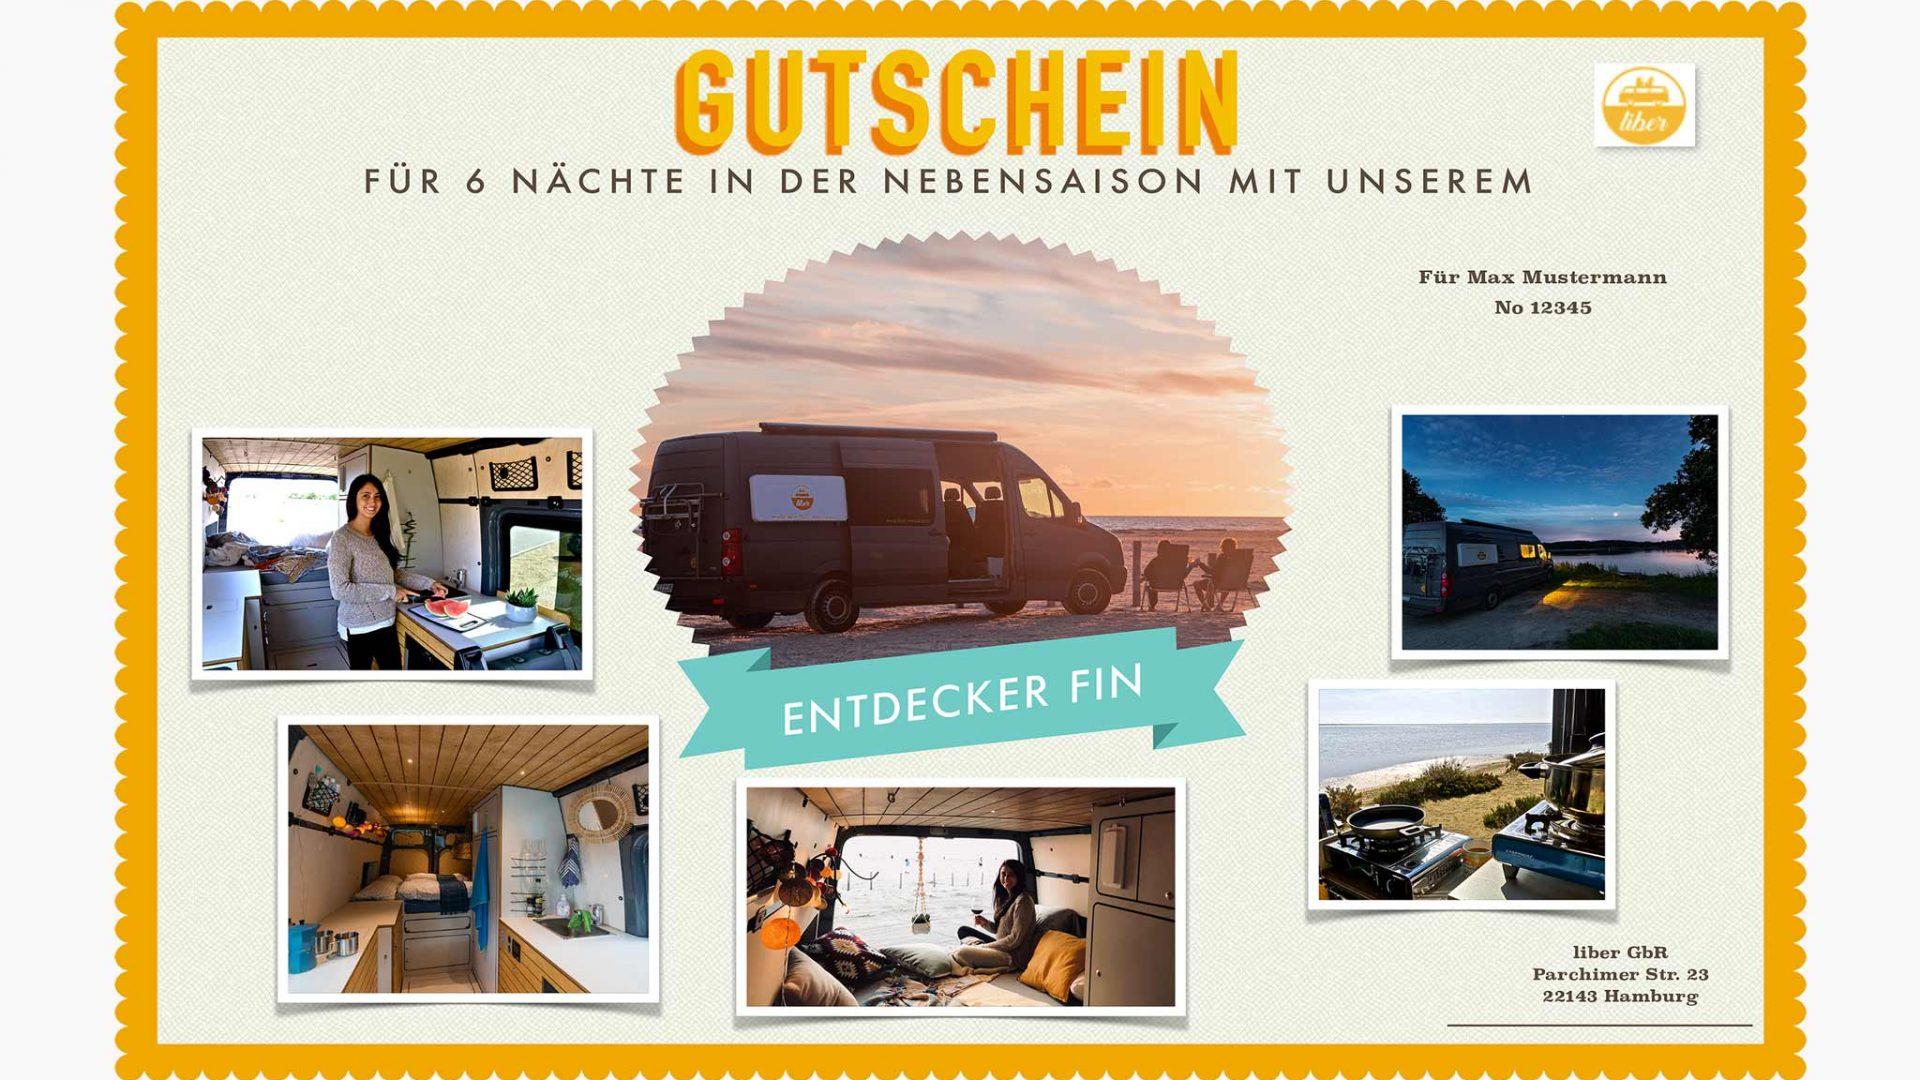 gutschein-entdecker-FIN-2021